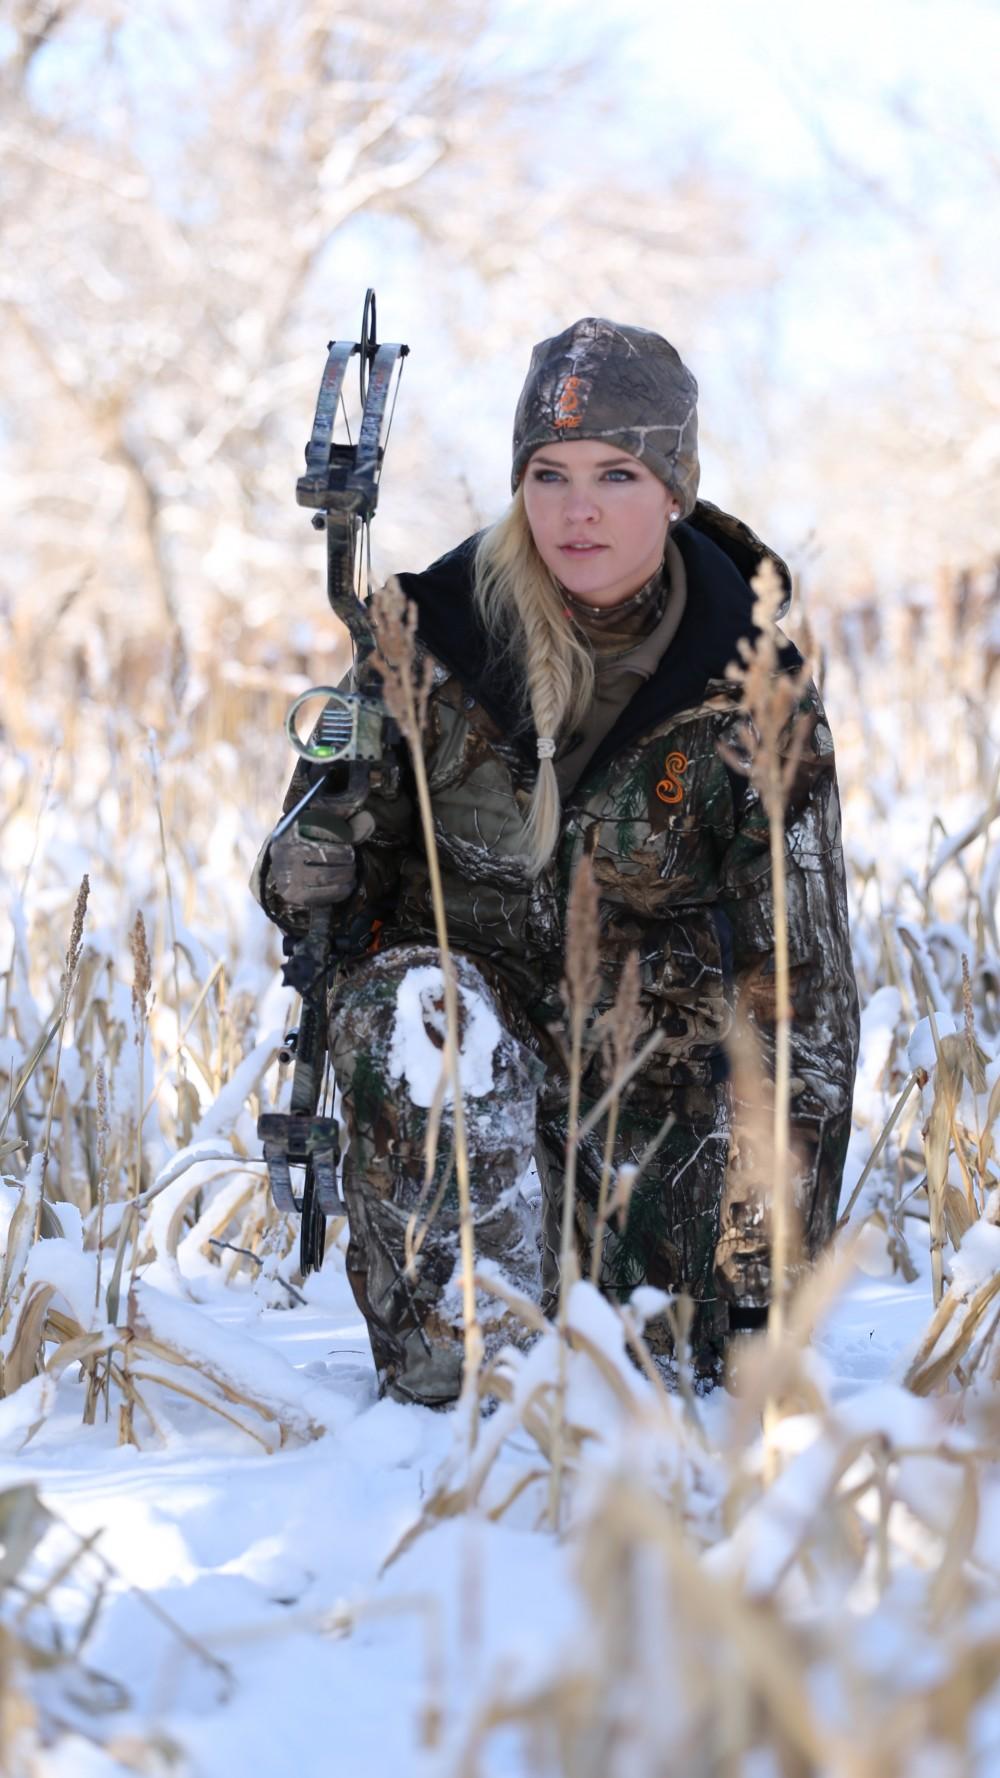 野性金髮美女|美國超正女兵「獵鹿達人」Theresa Vail